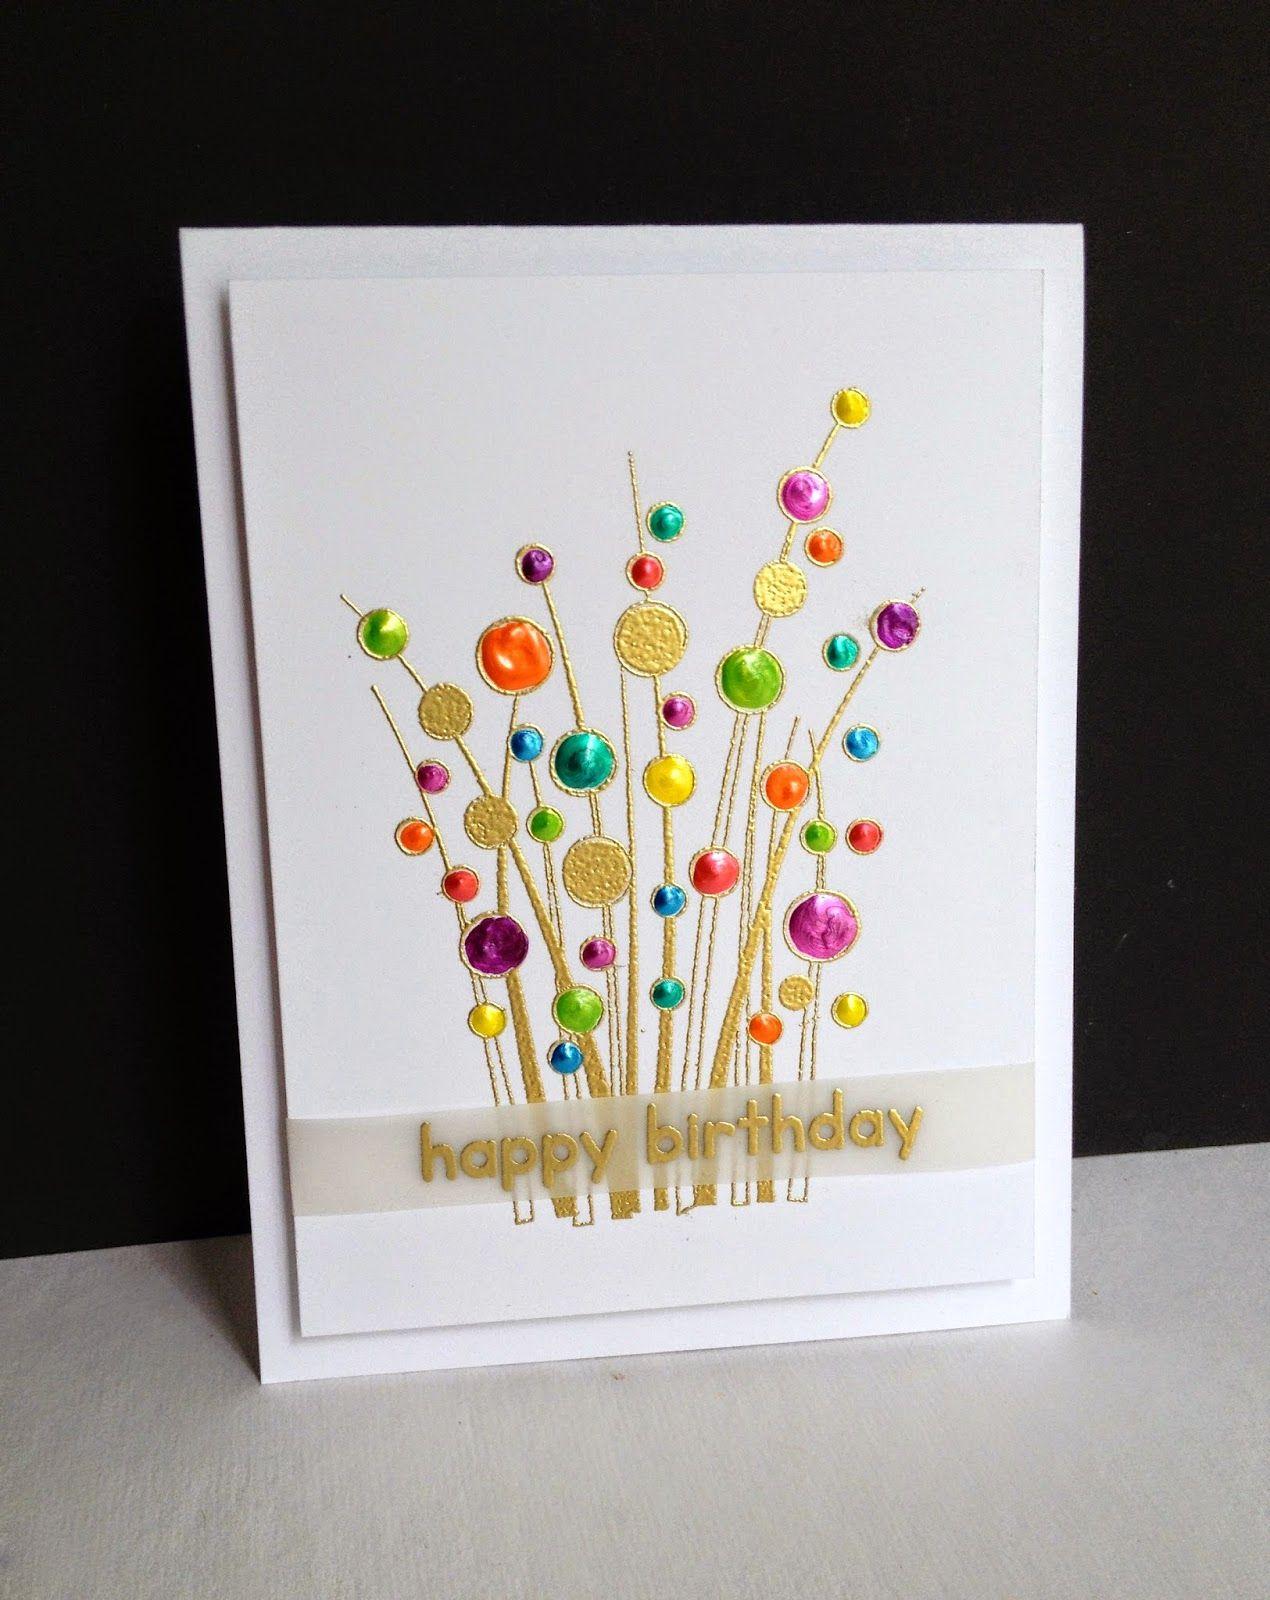 С днем рождения открытка другу своими руками, для